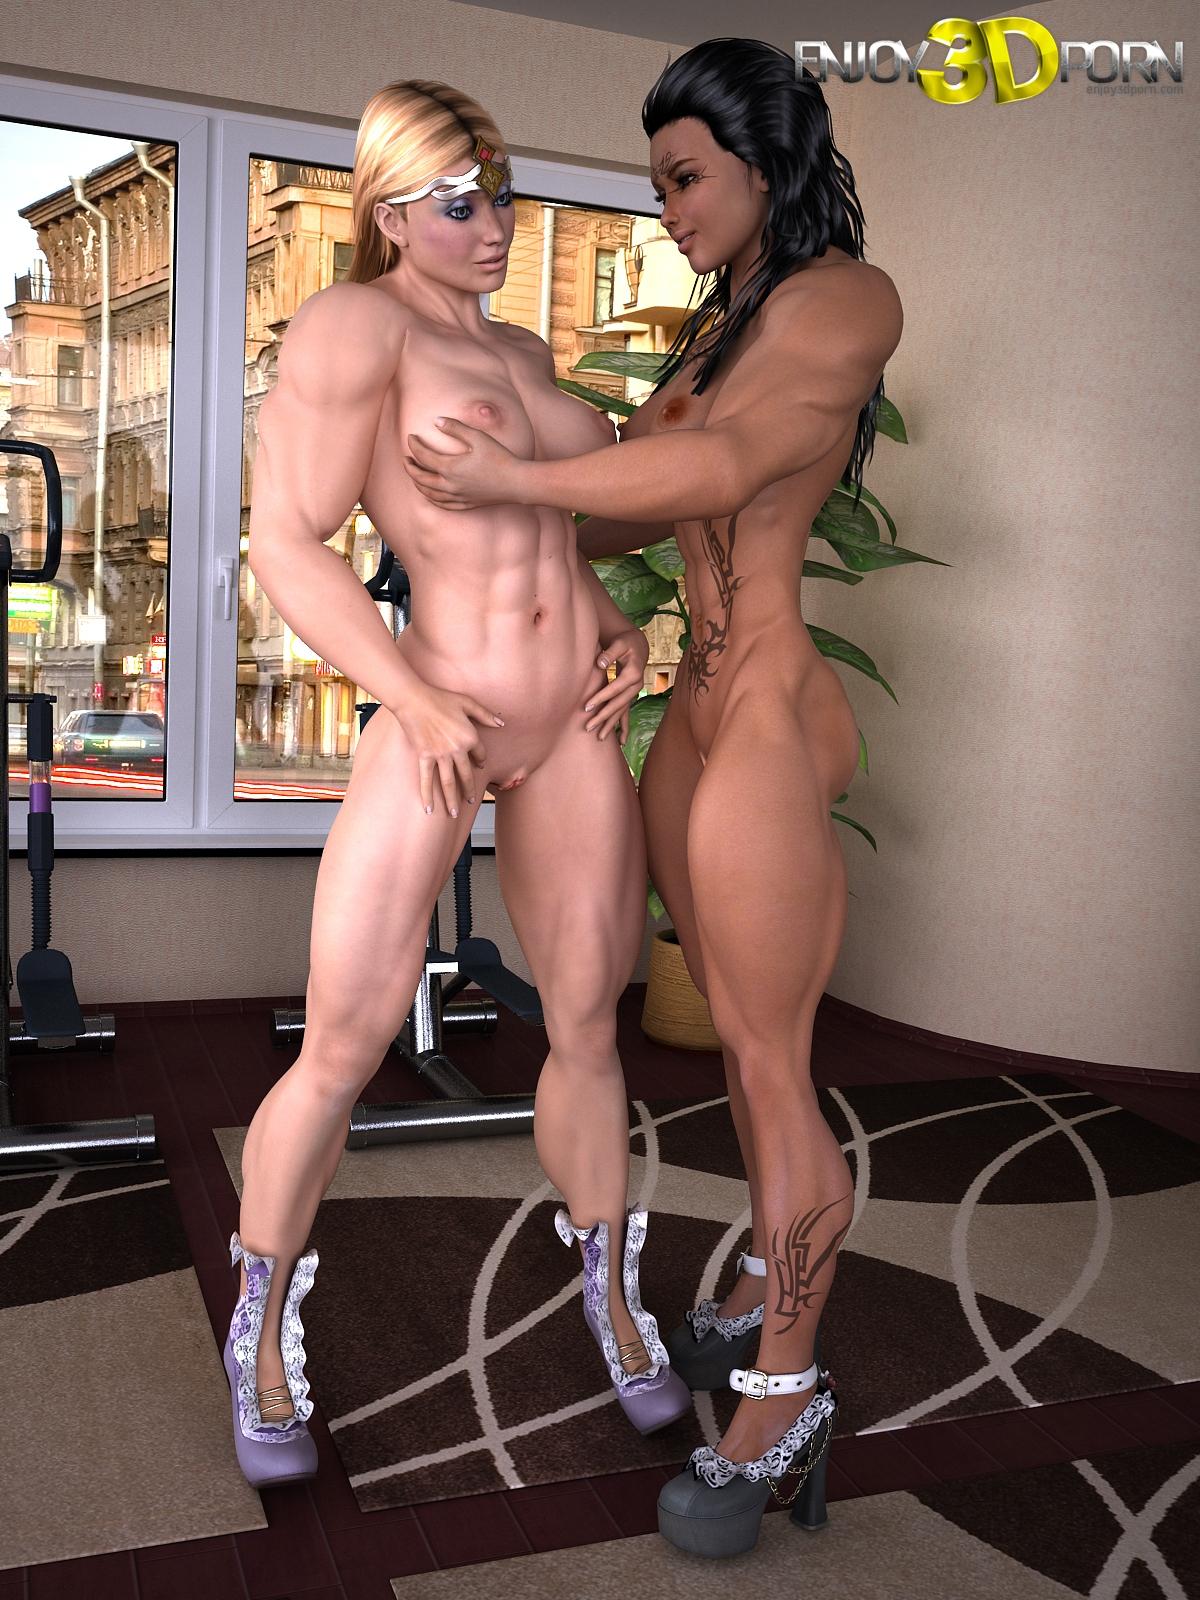 Amazing 3d lesbian sex pornos submissive woman